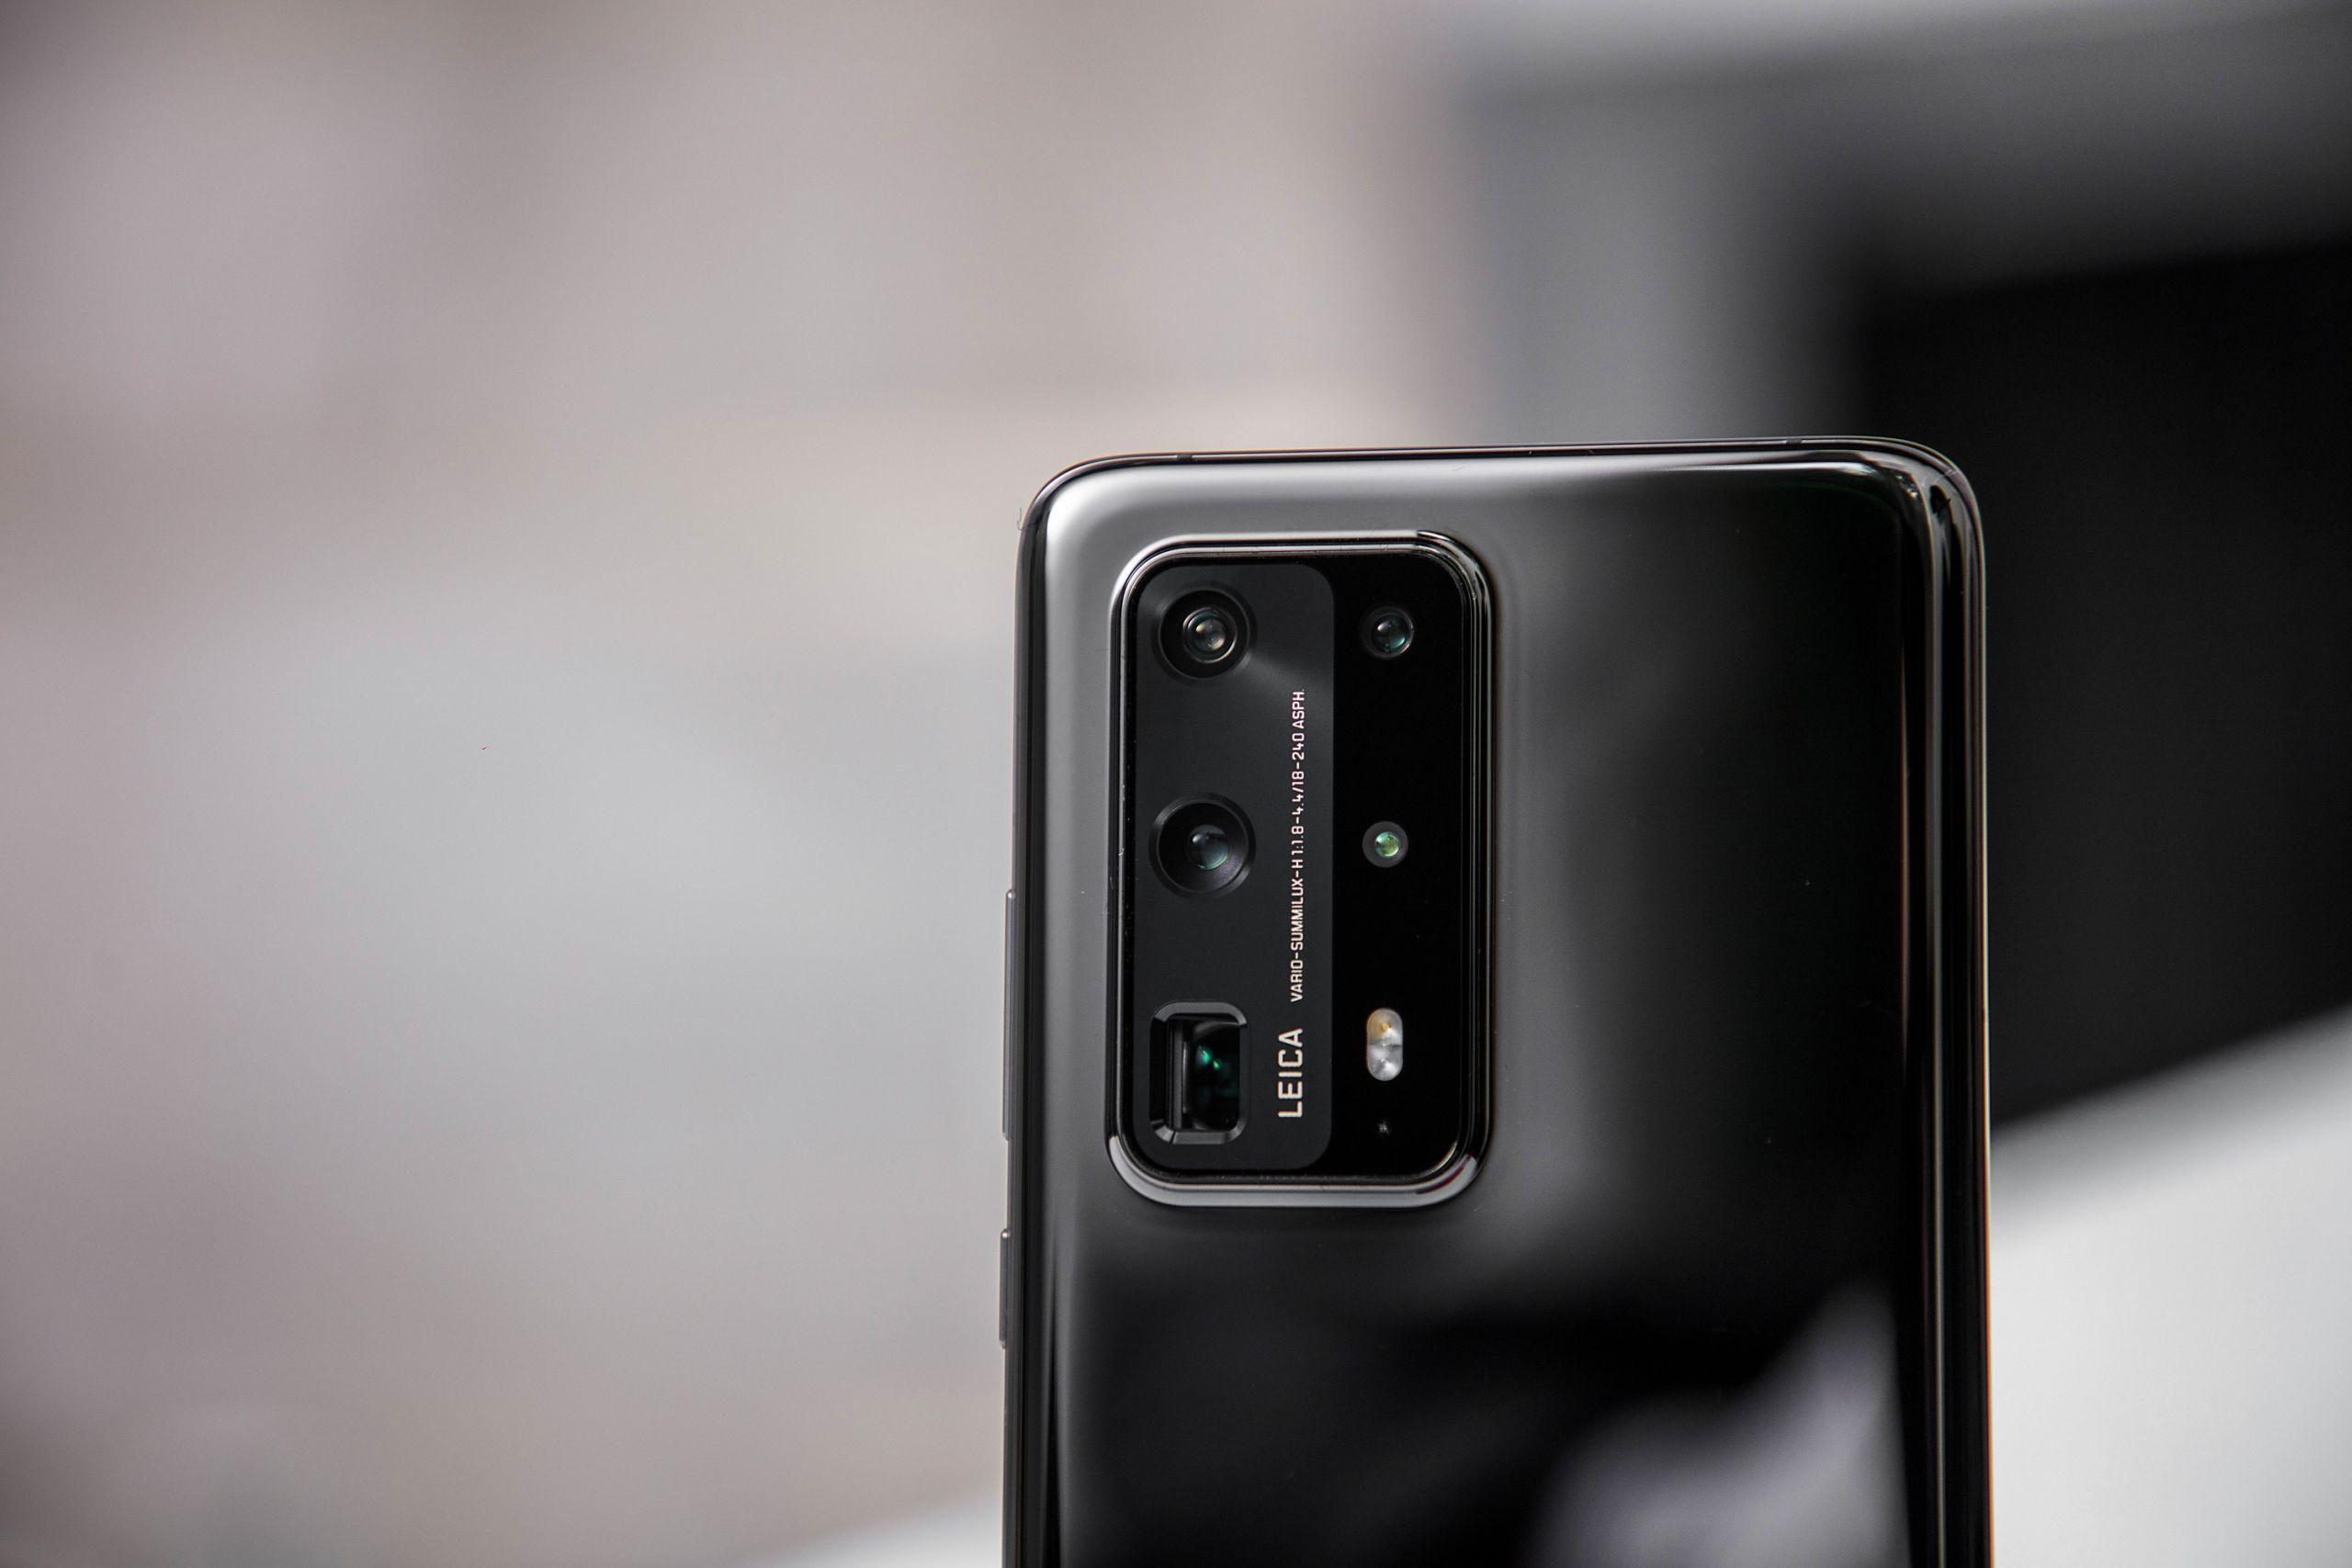 5 best smartphones of 2020 5 best smartphones of 2020